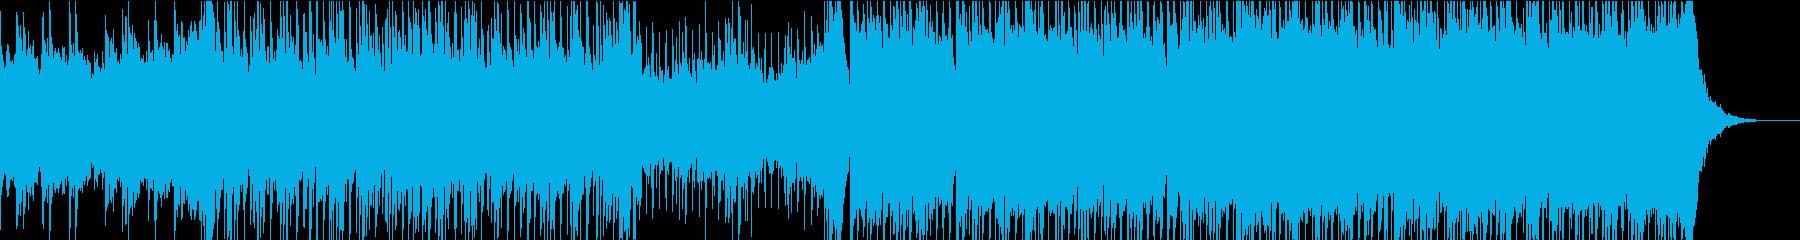 80's シンセウェーブ レトロ 洋楽の再生済みの波形